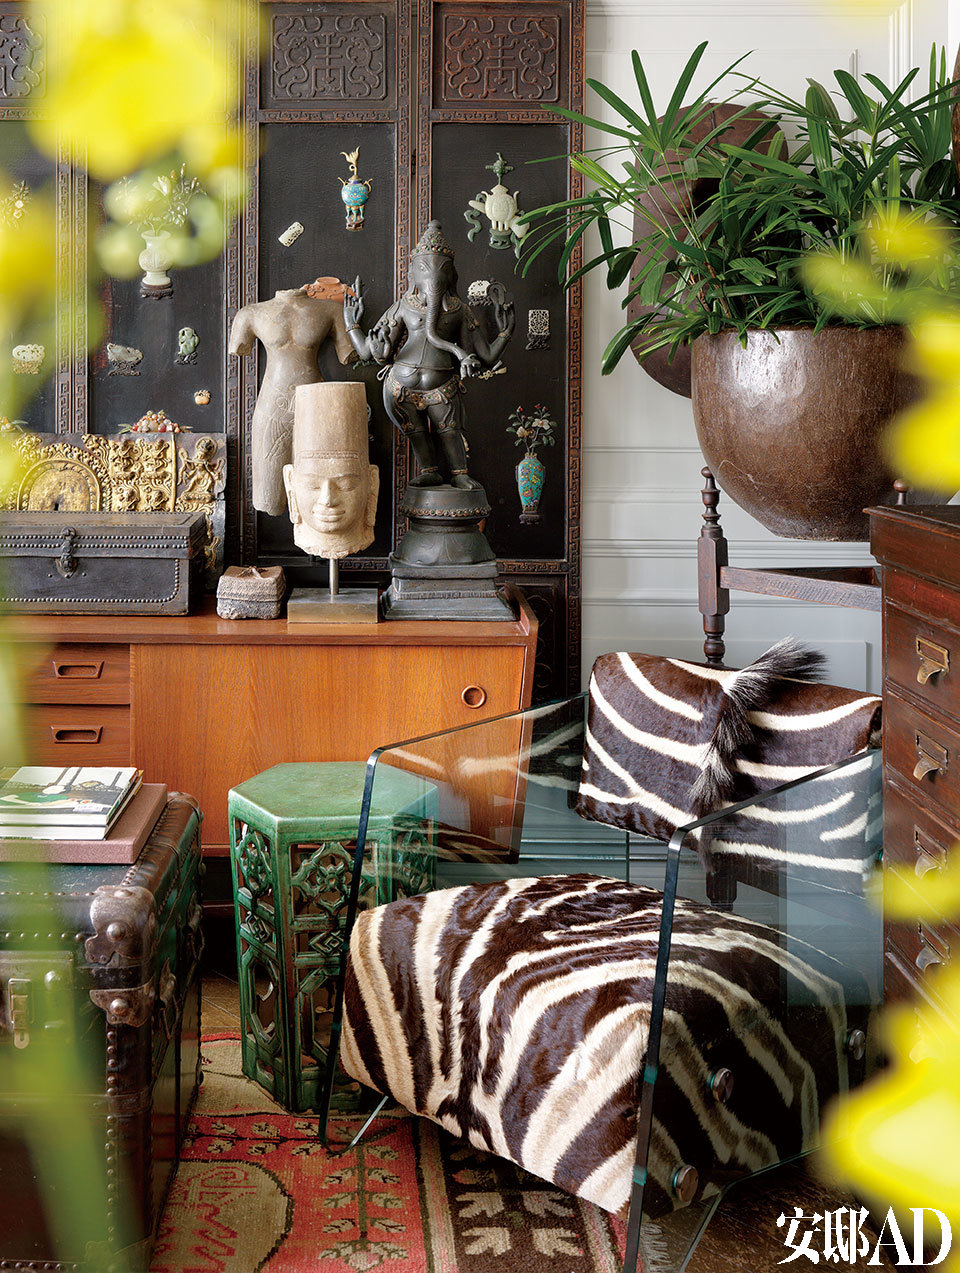 """叶裕清热爱非洲,各种动物标本以及骨架的收藏,成了他与非洲"""" 接触"""" 的秘径 。上世纪30年代的斑马皮椅,于一次纽约旅程中购得,后面的咖啡色老柜子为丹麦Retro风格的矮柜,皮椅后方的大花瓶为泰国椰子树干挖空制成的老花器;柜子上分别摆放""""Vishnu""""柬埔寨吴哥时期石雕、""""Ganesh""""泰国象头神铜像以及西藏皮革藏经盒等。"""